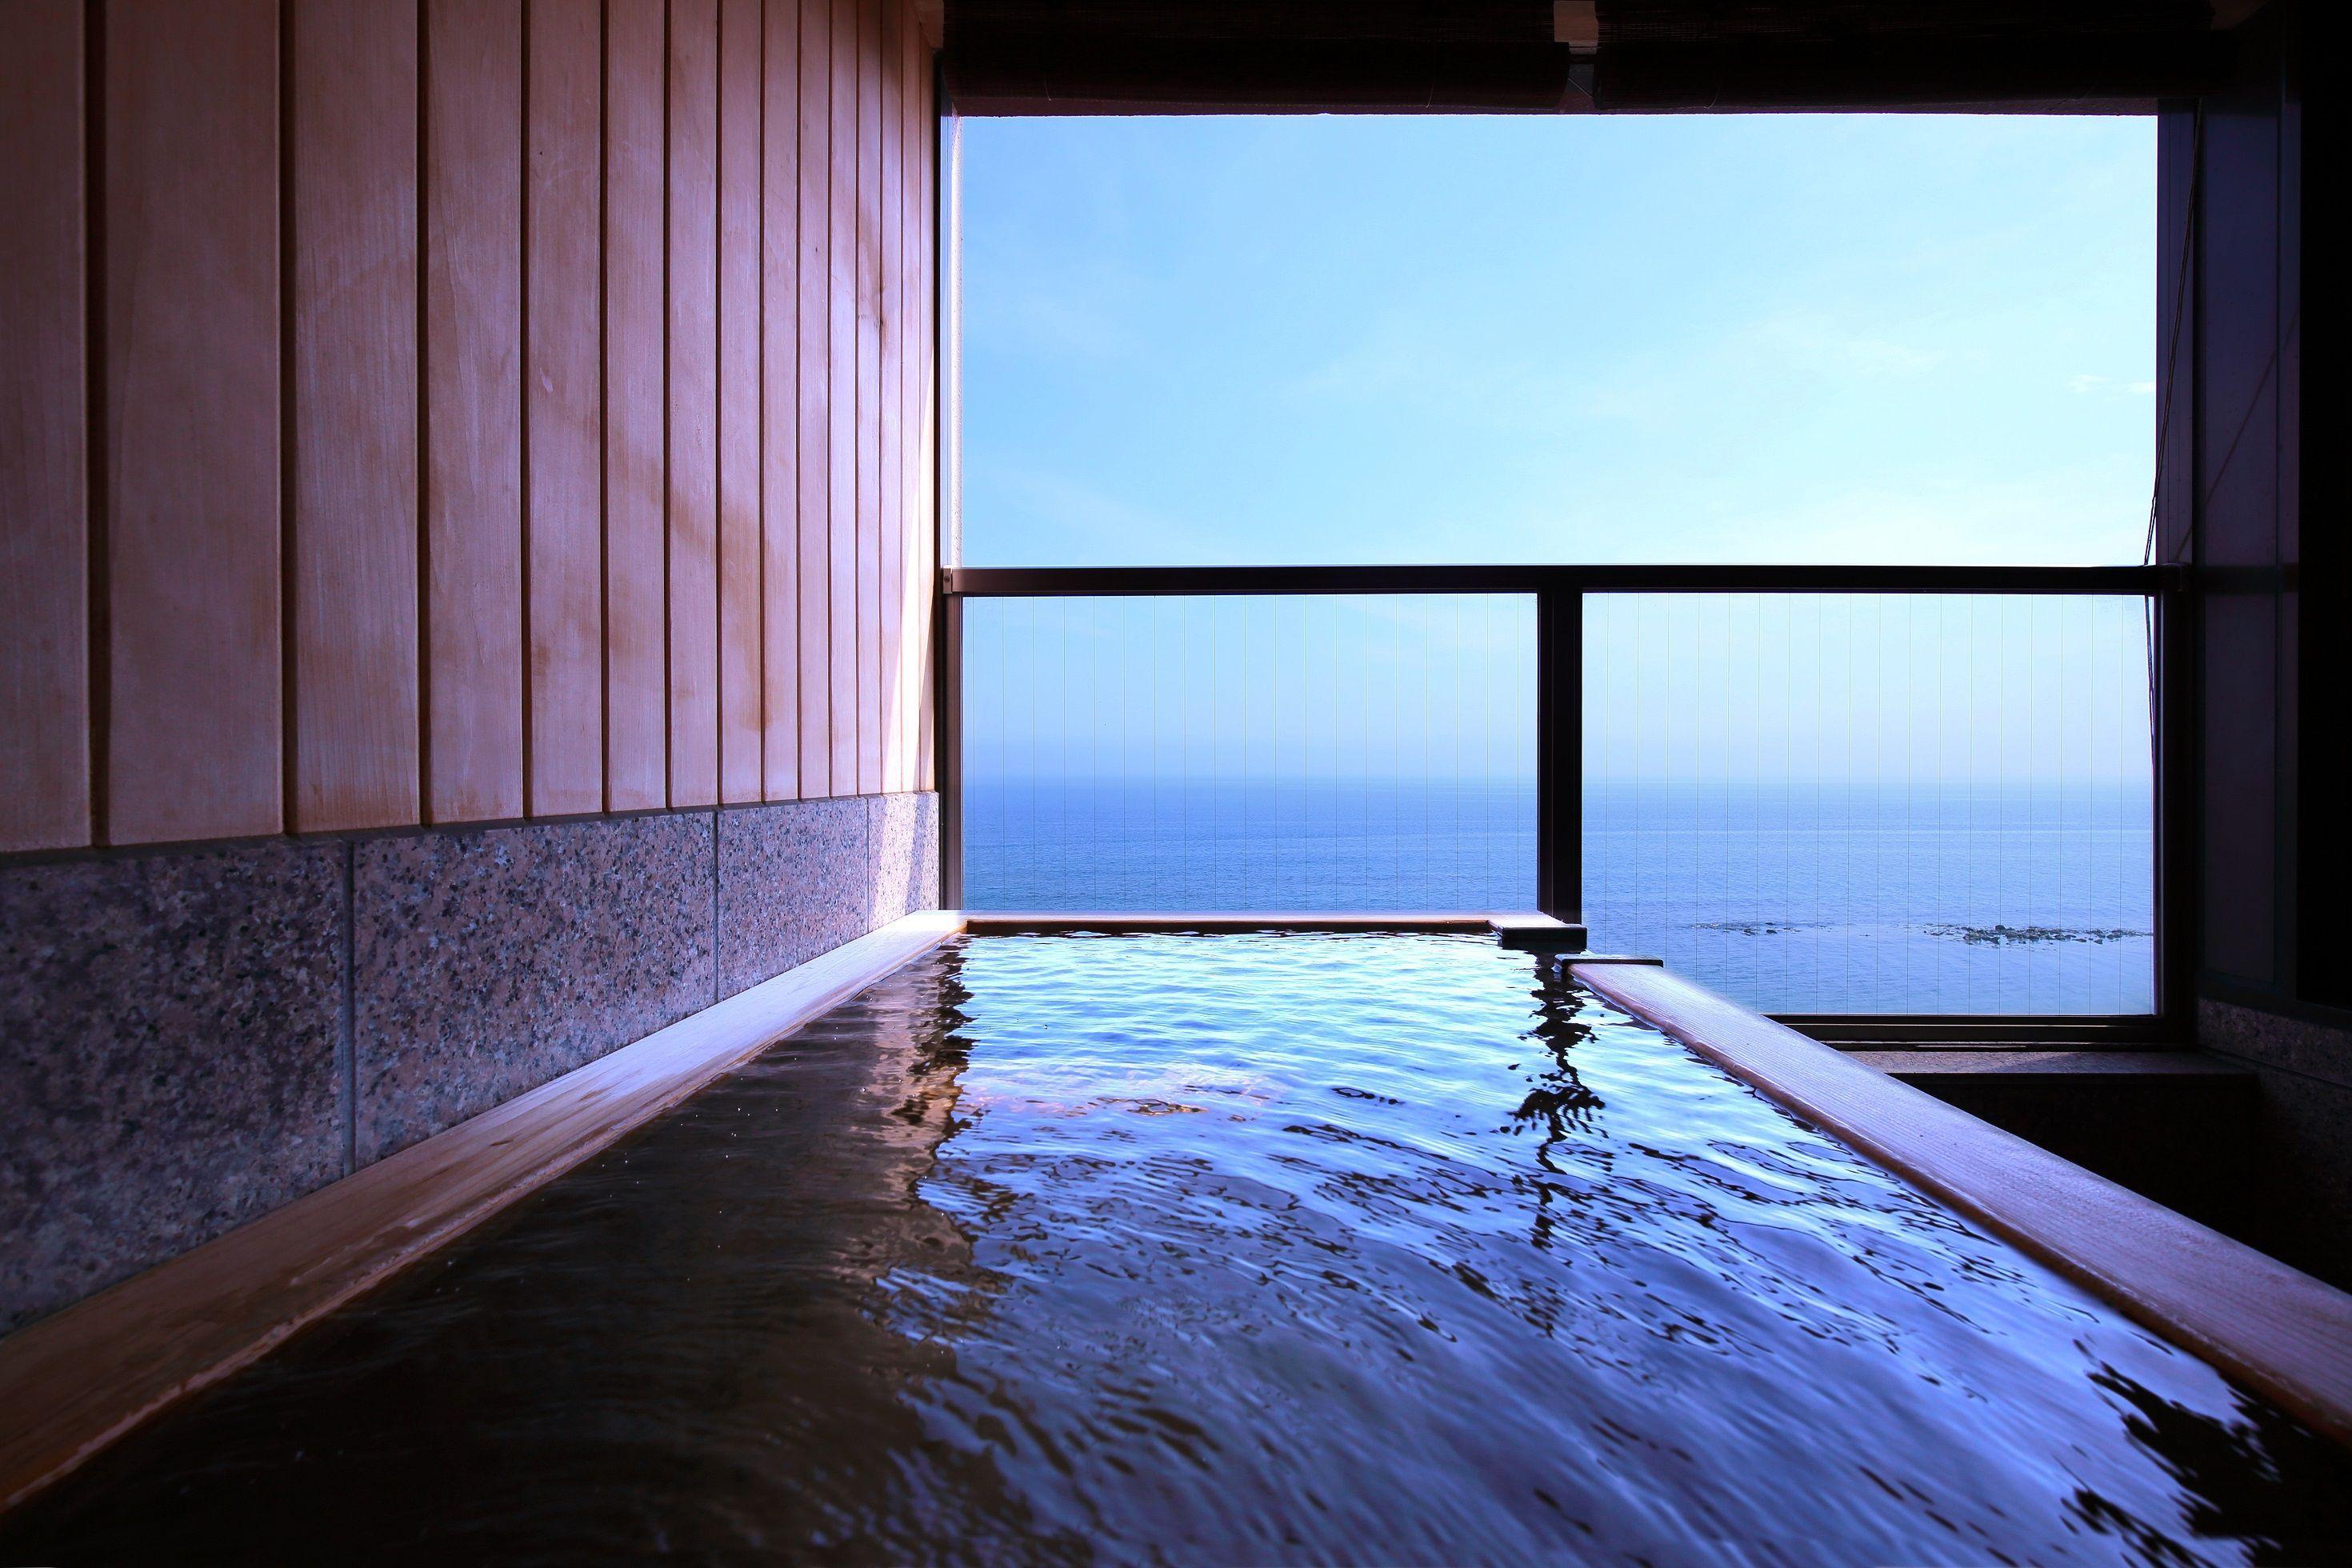 【事前カード決済限定】函館観光におすすめ!遅い到着でも大丈夫1泊朝食付プラン